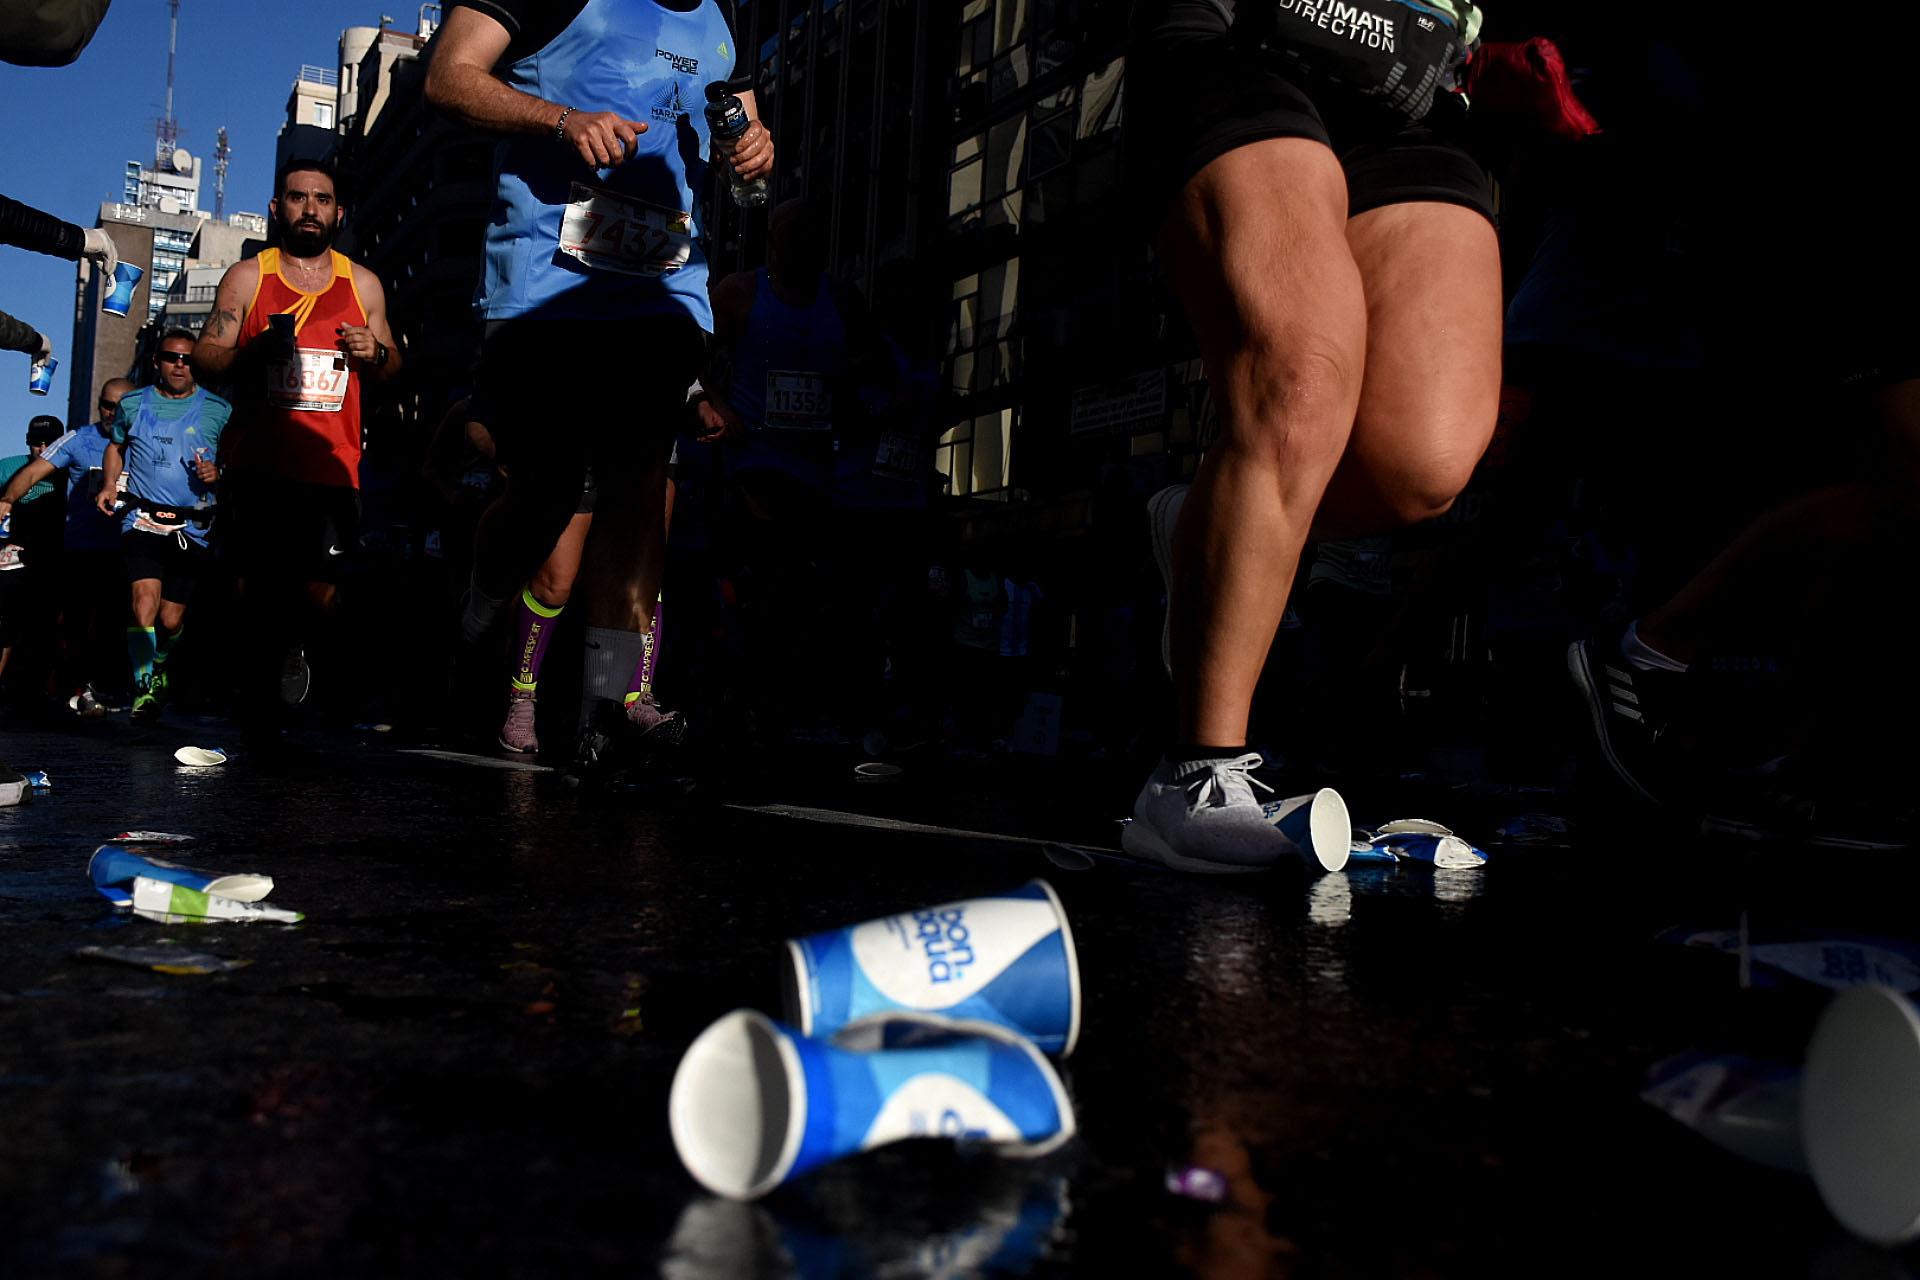 A lo largo de diferentes puntos estratégicos, la organización repartió vasos de agua a los participantes